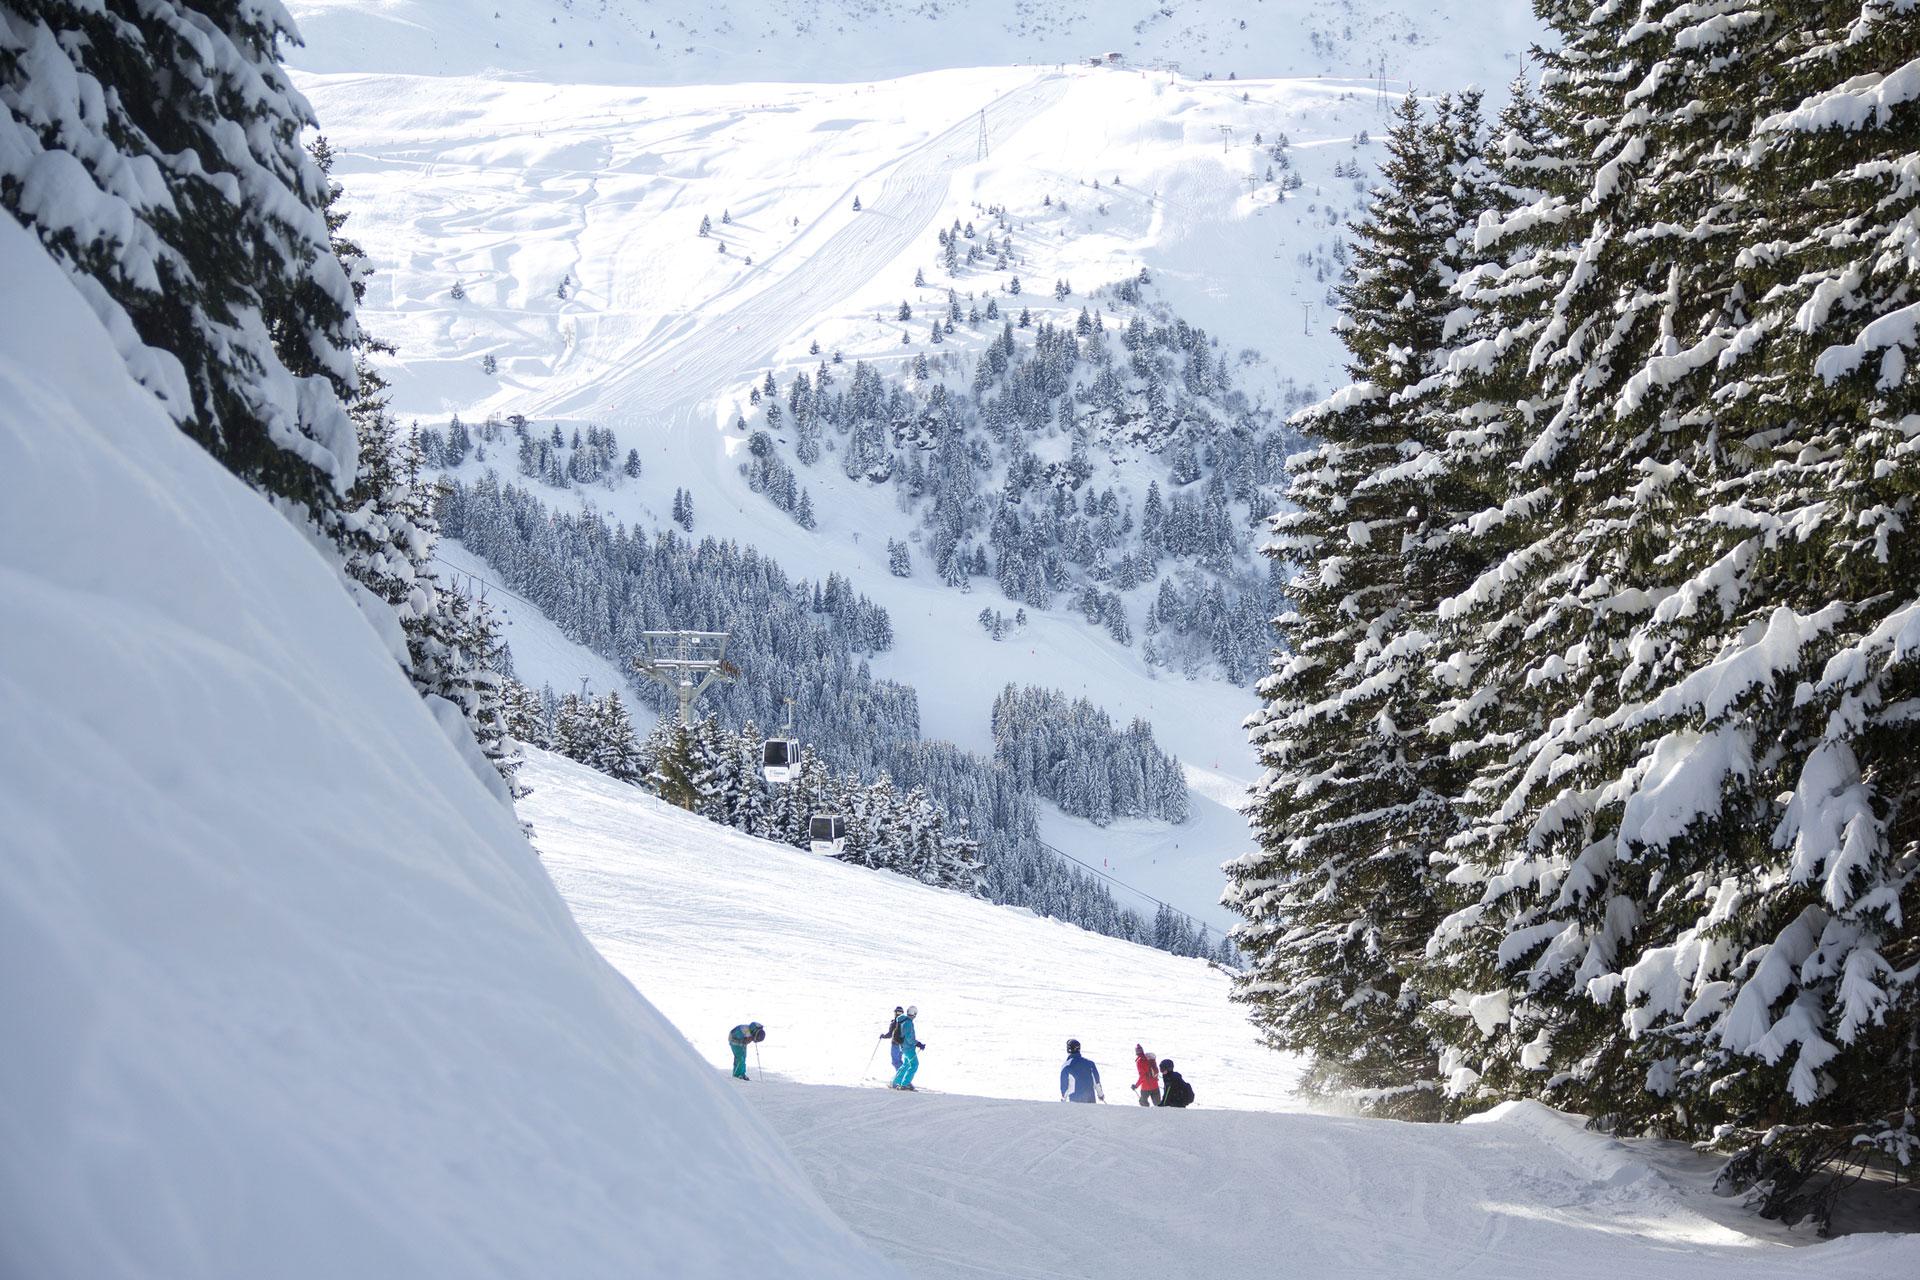 El imponente paisaje de Val Thorens, que cuenta con más de 600 km de pistas de primer nivel.